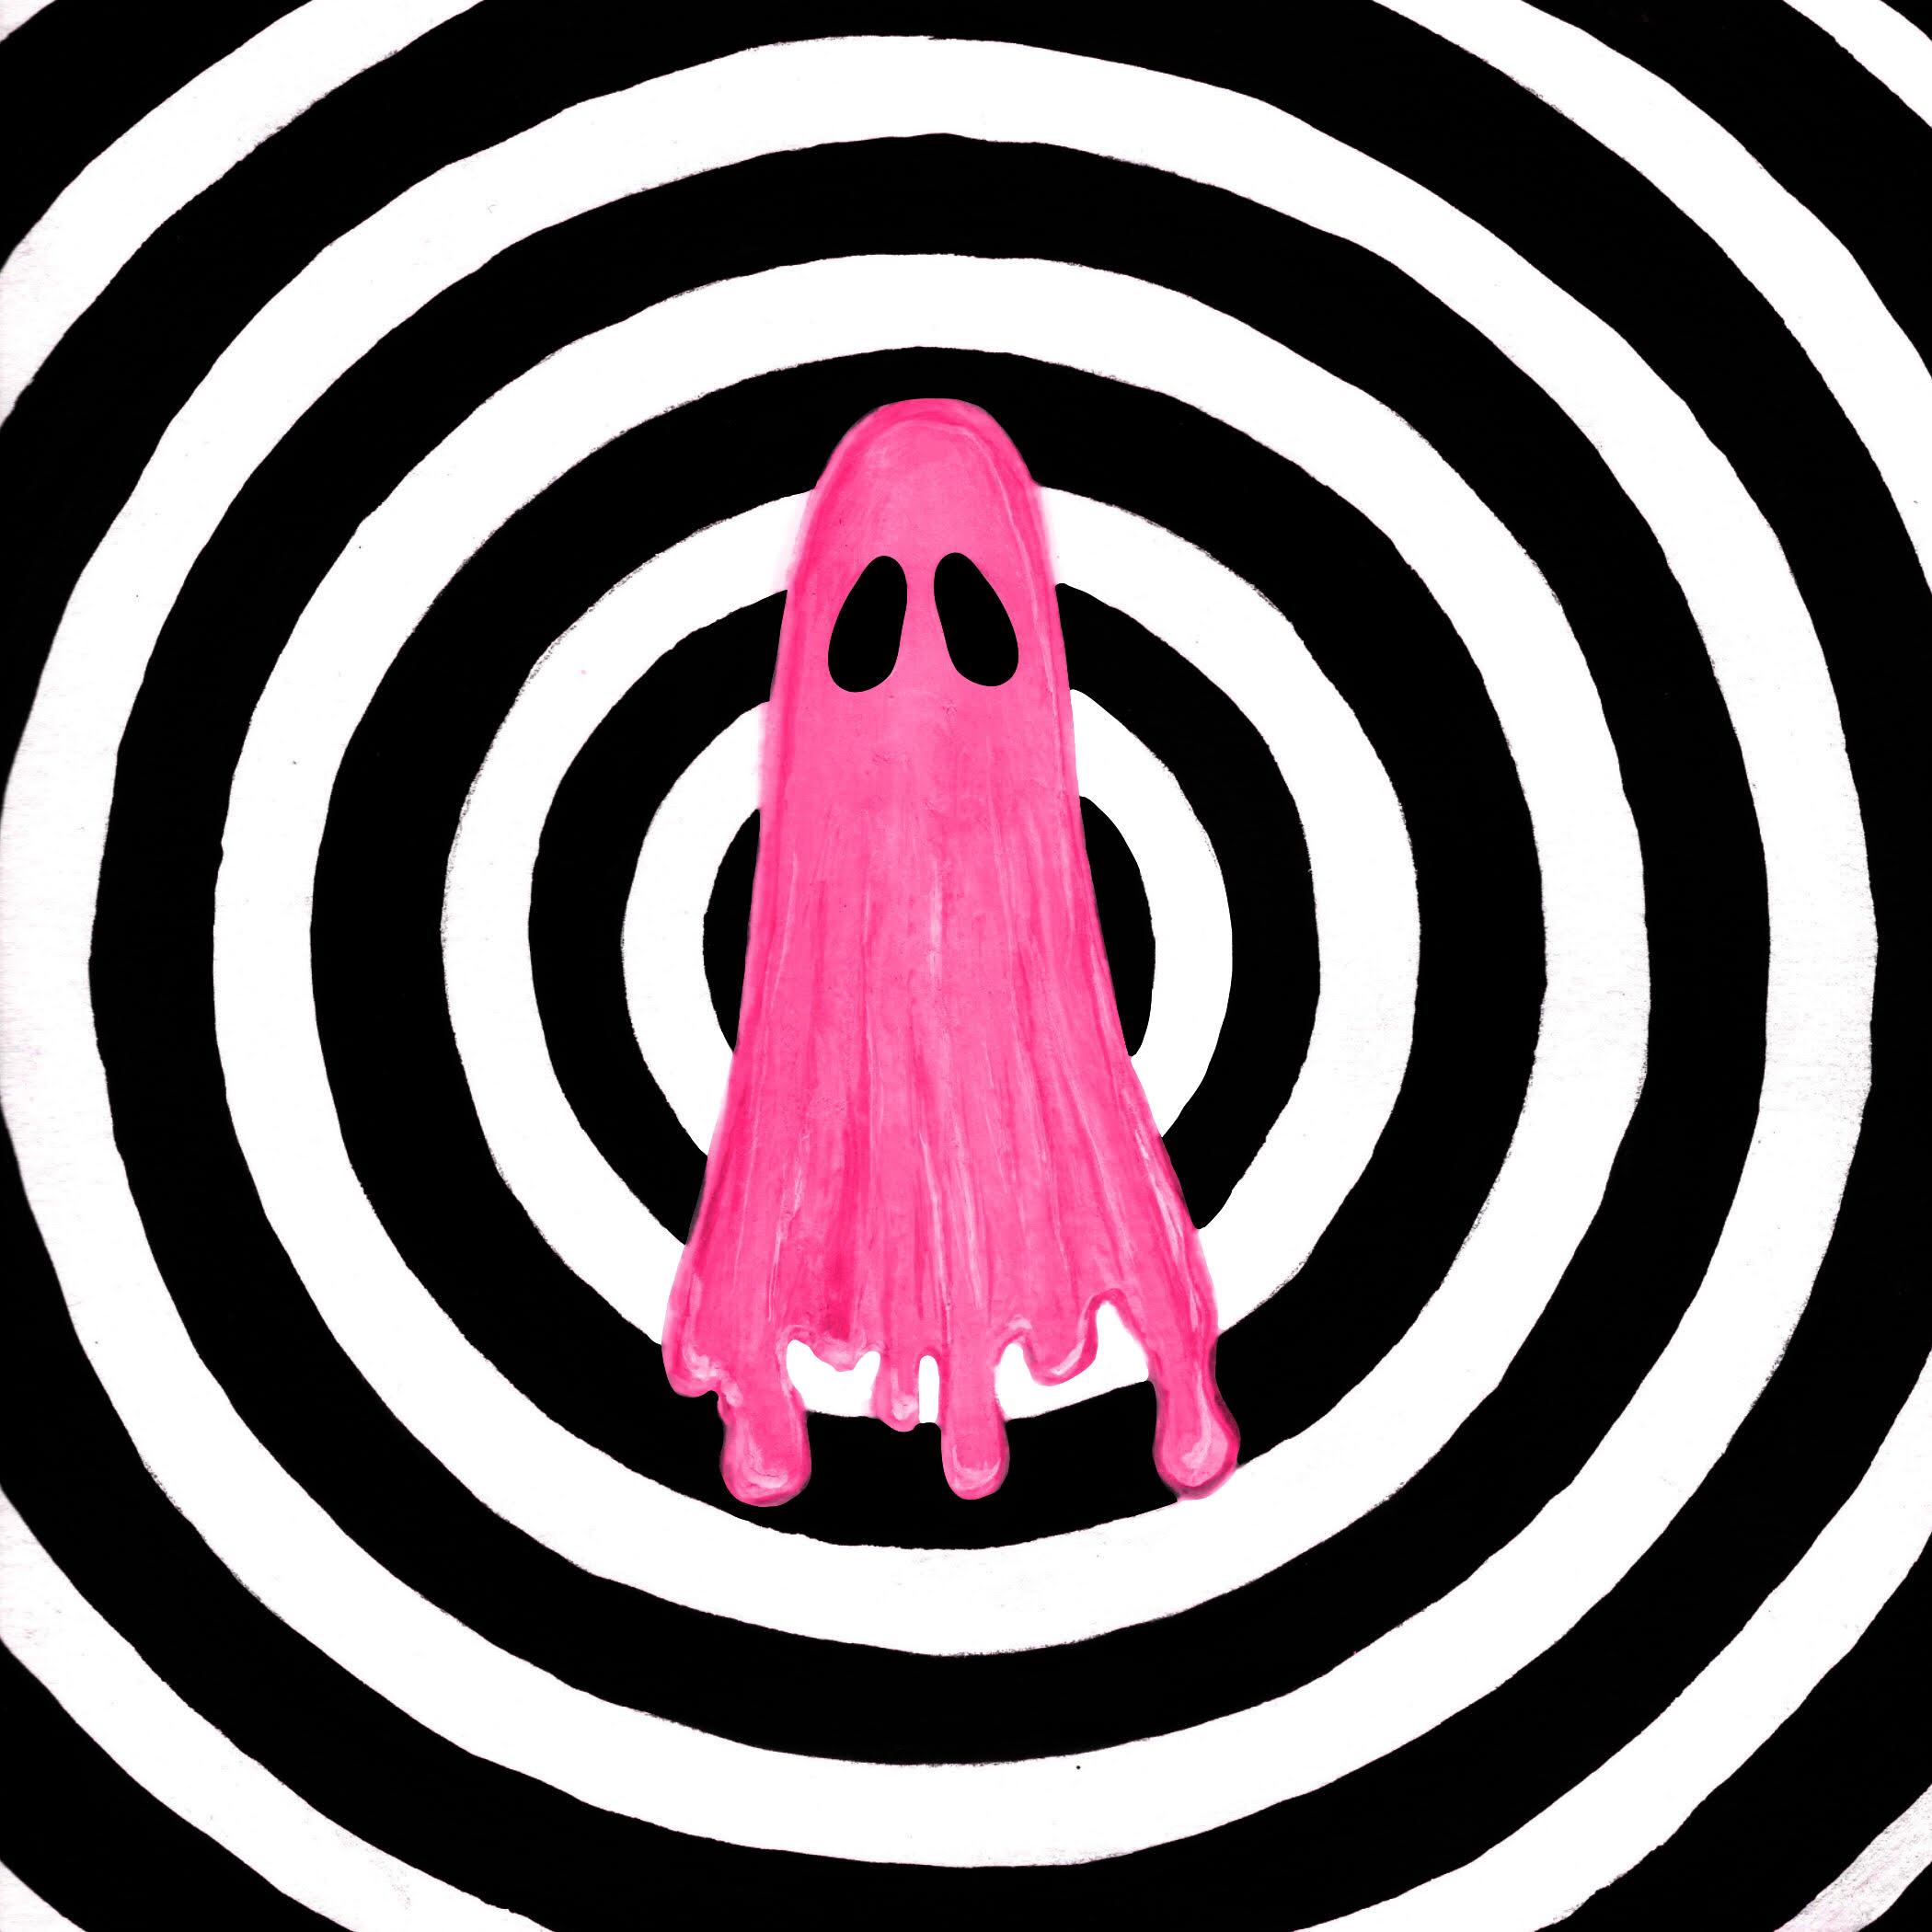 pinkghostslime